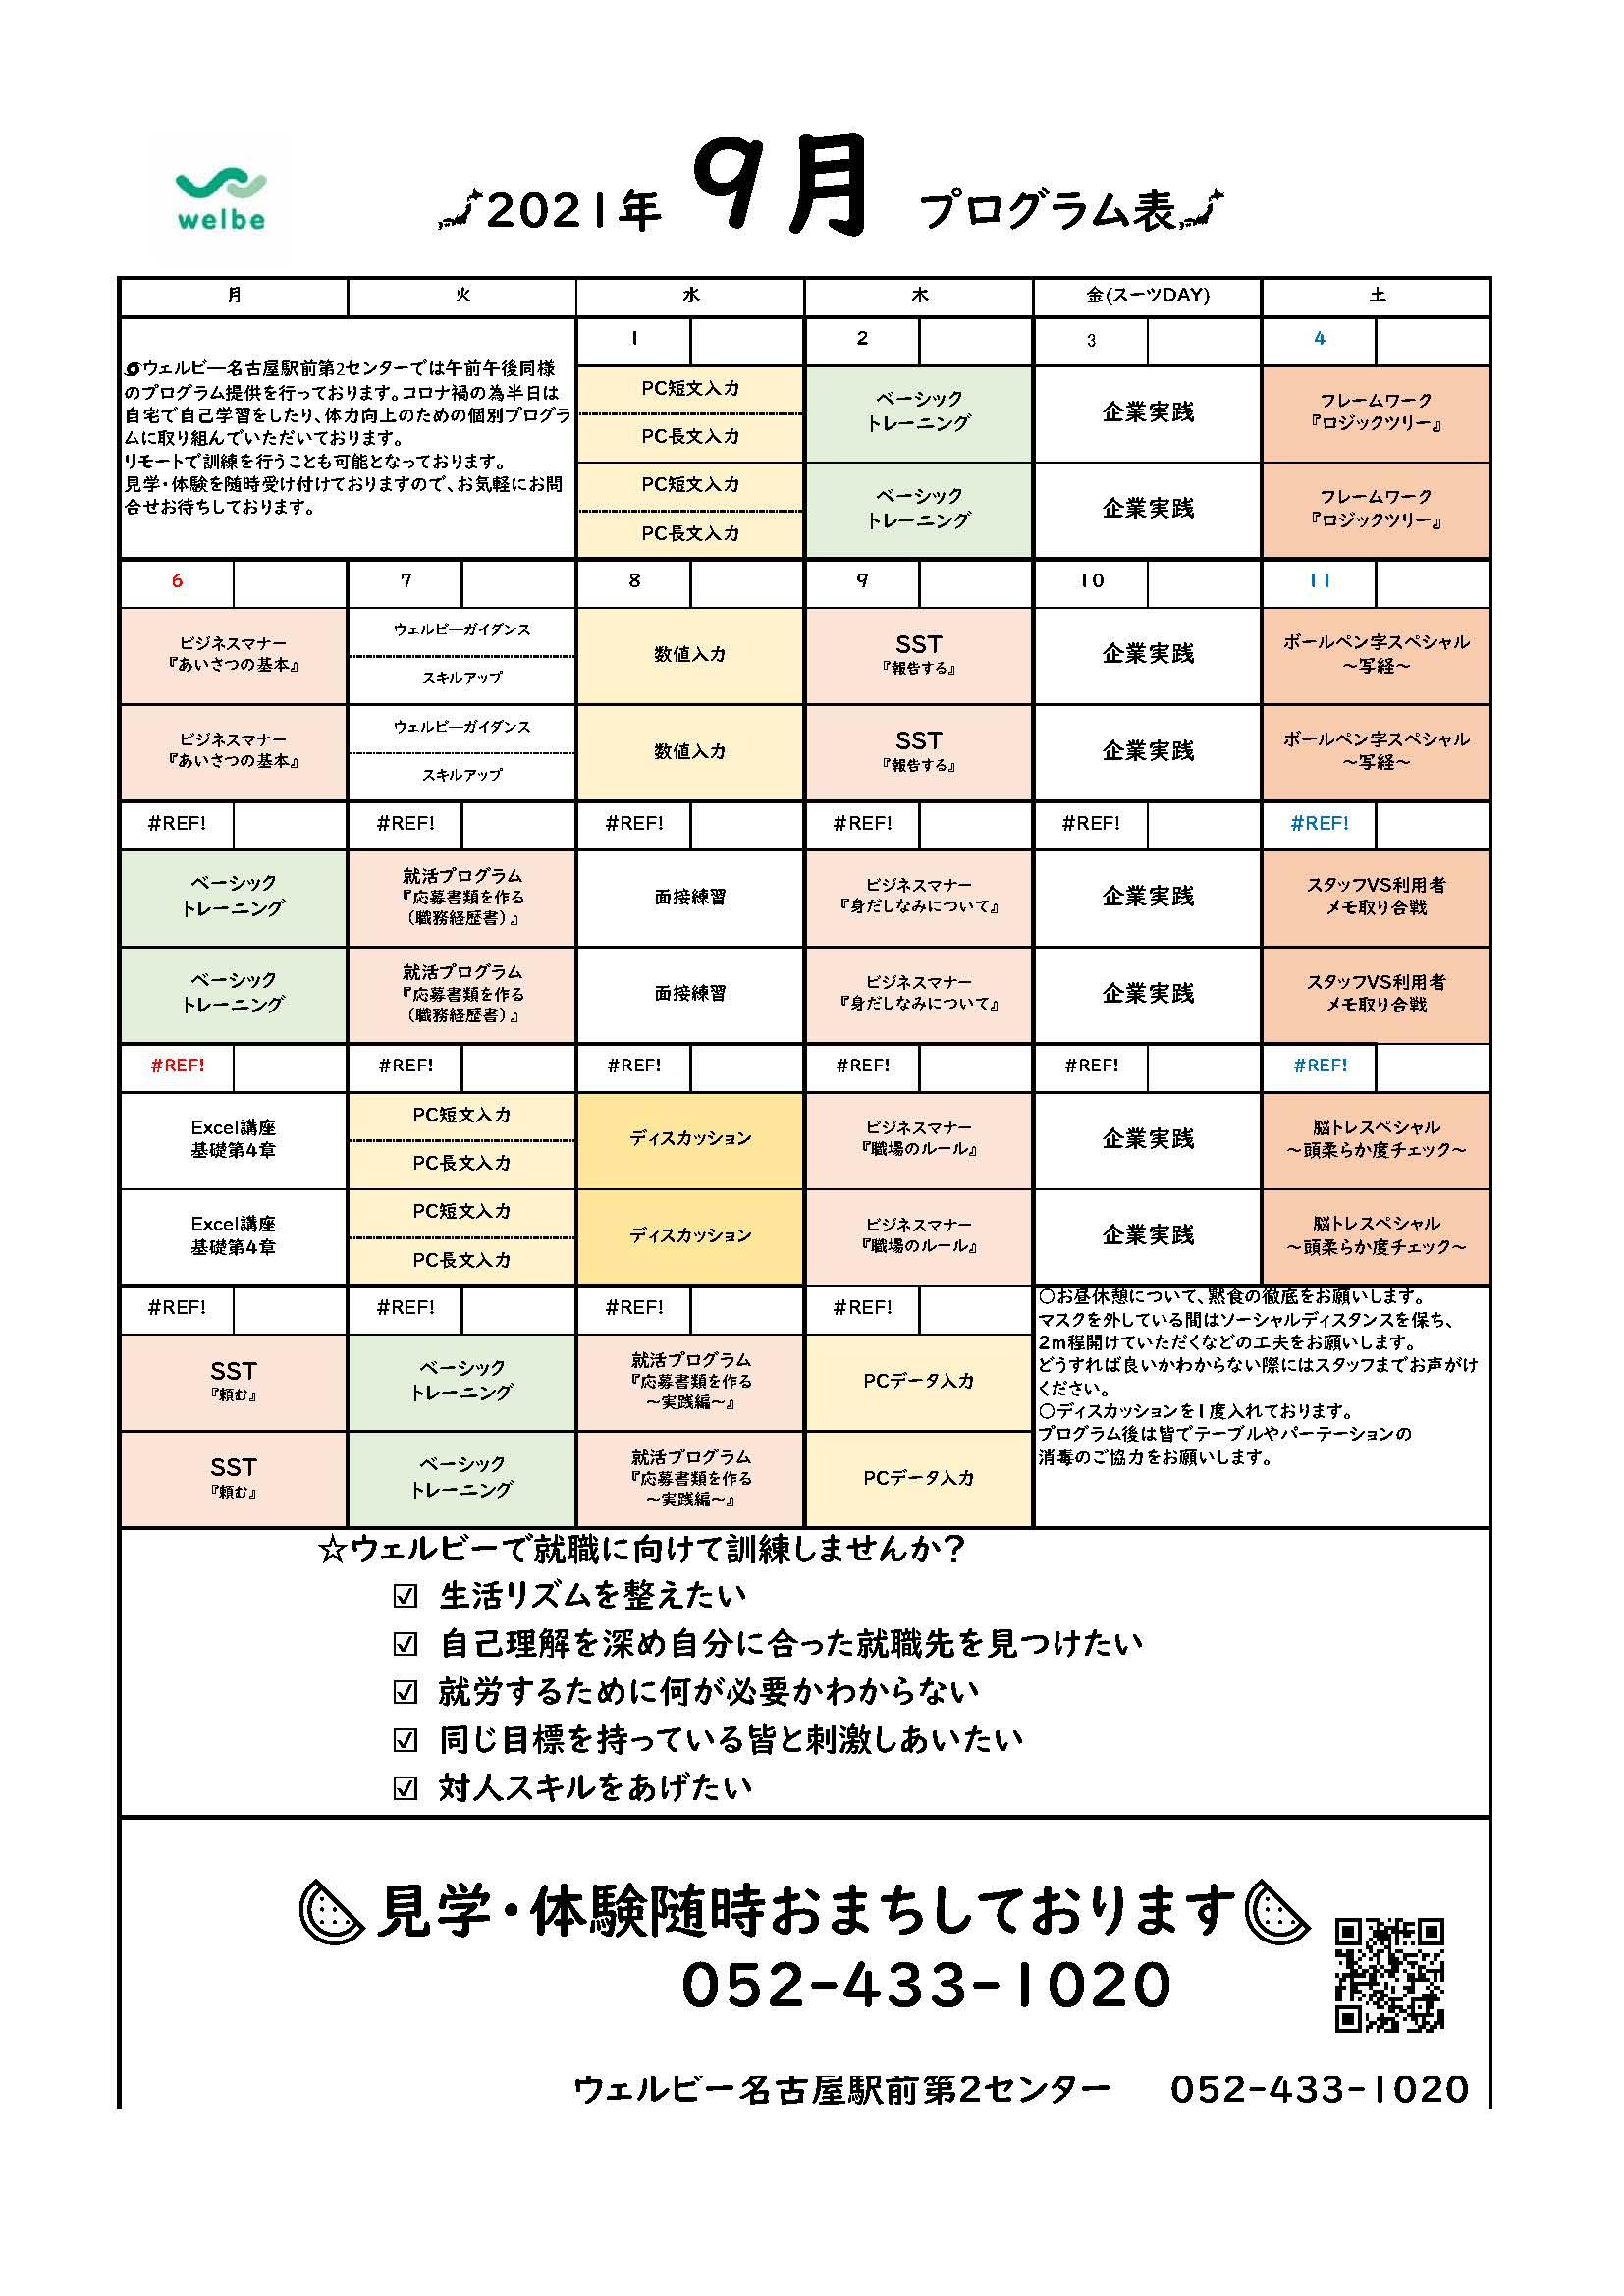 ウェルビー名古屋駅前第2センター画像①(9月プログラム表)